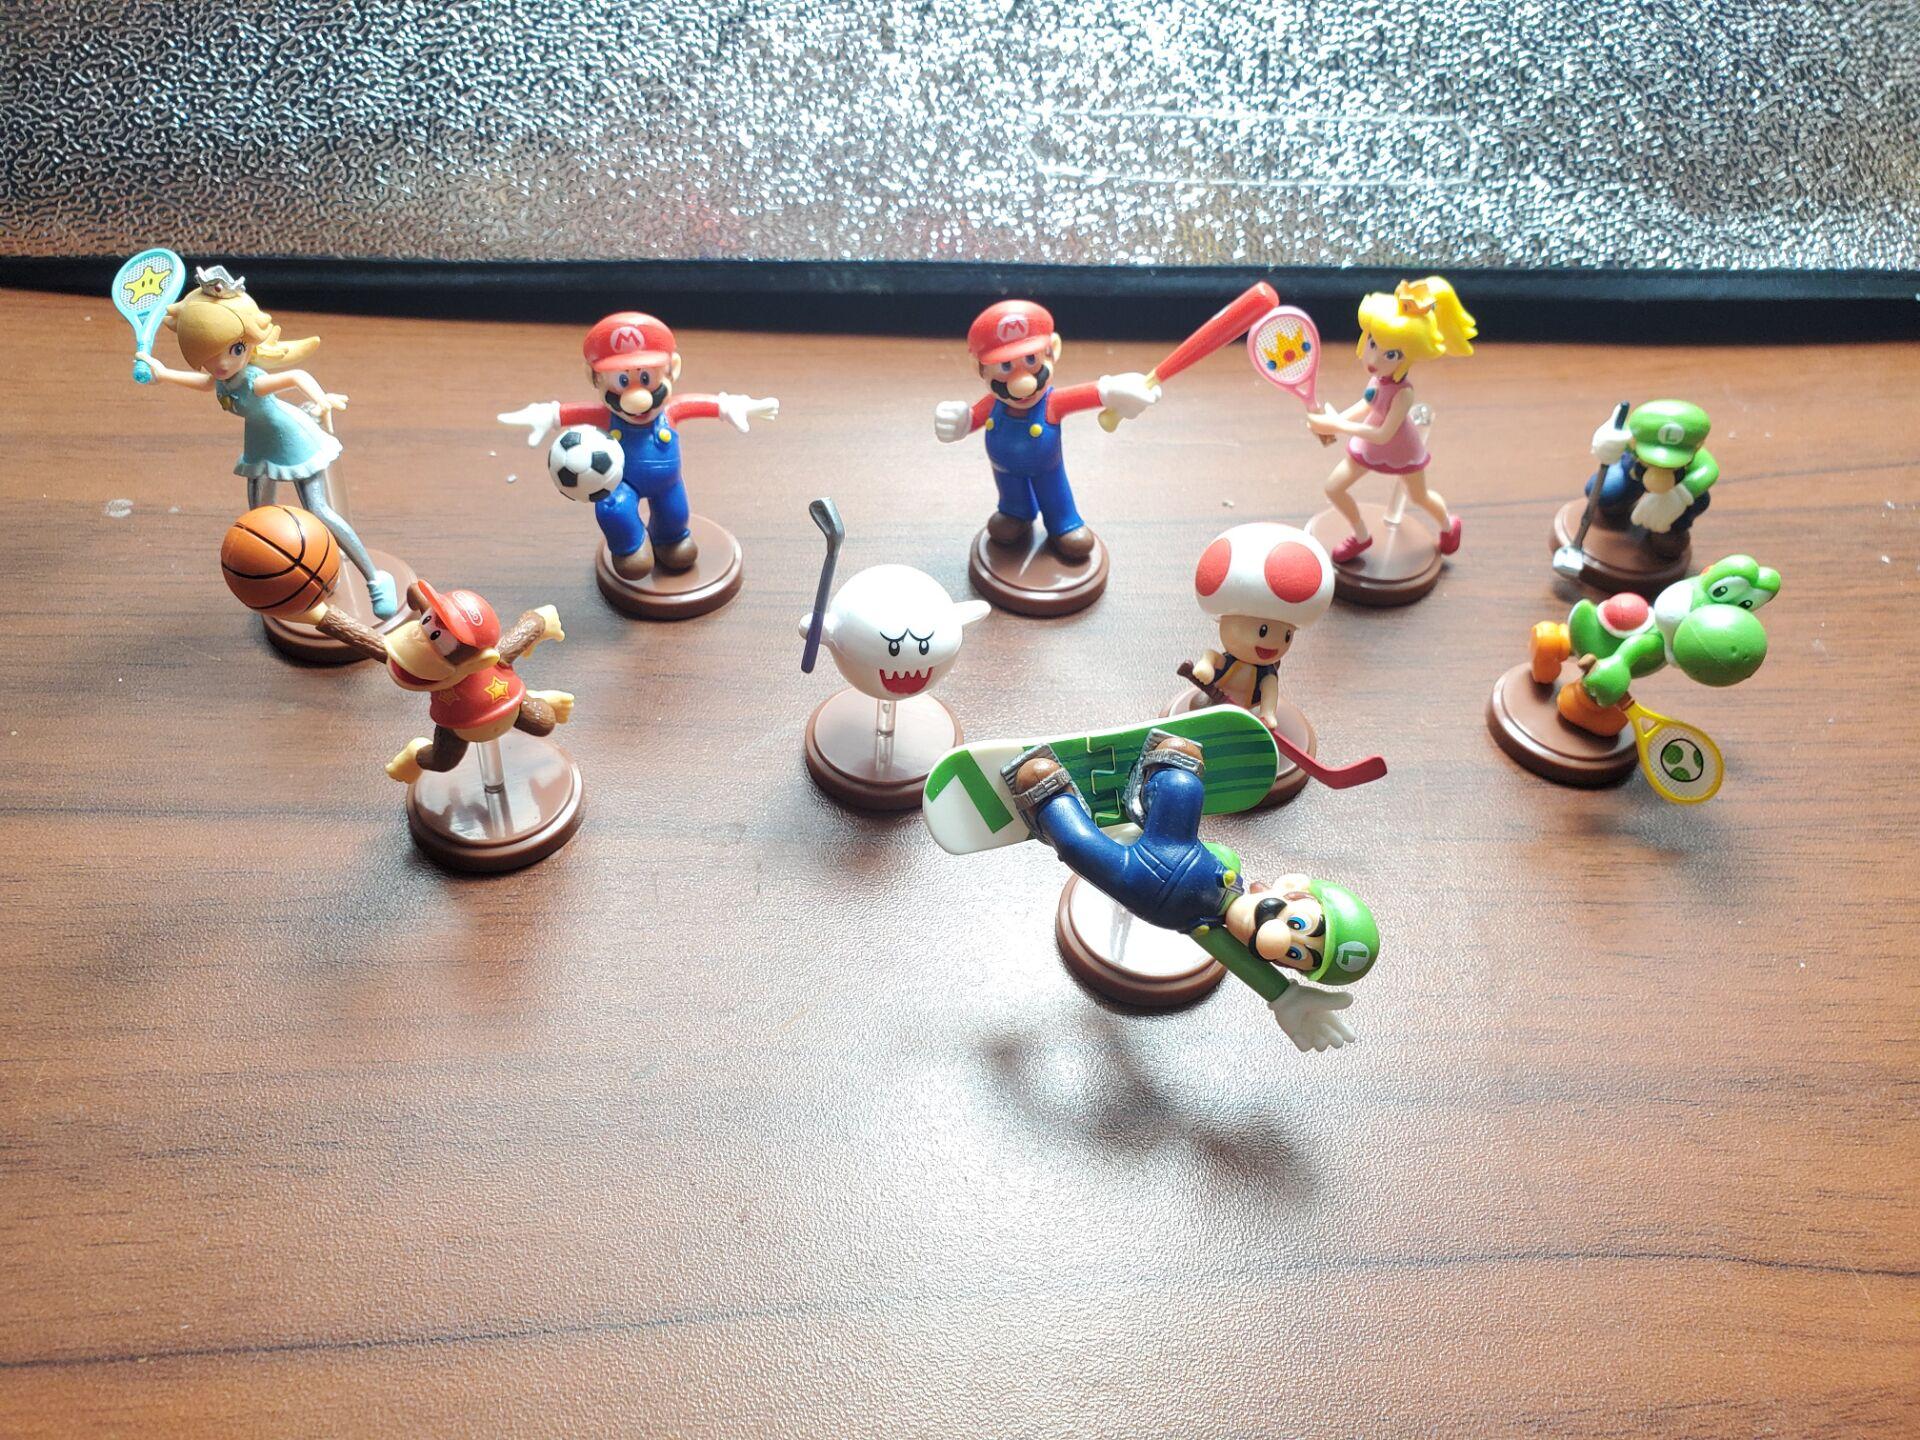 Мини Экшн-фигурки Nintendo SuperMarios, игрушки, желтый дракон, синий дракон, прекрасные куклы, модель сцены, микро пейзаж, реквизит